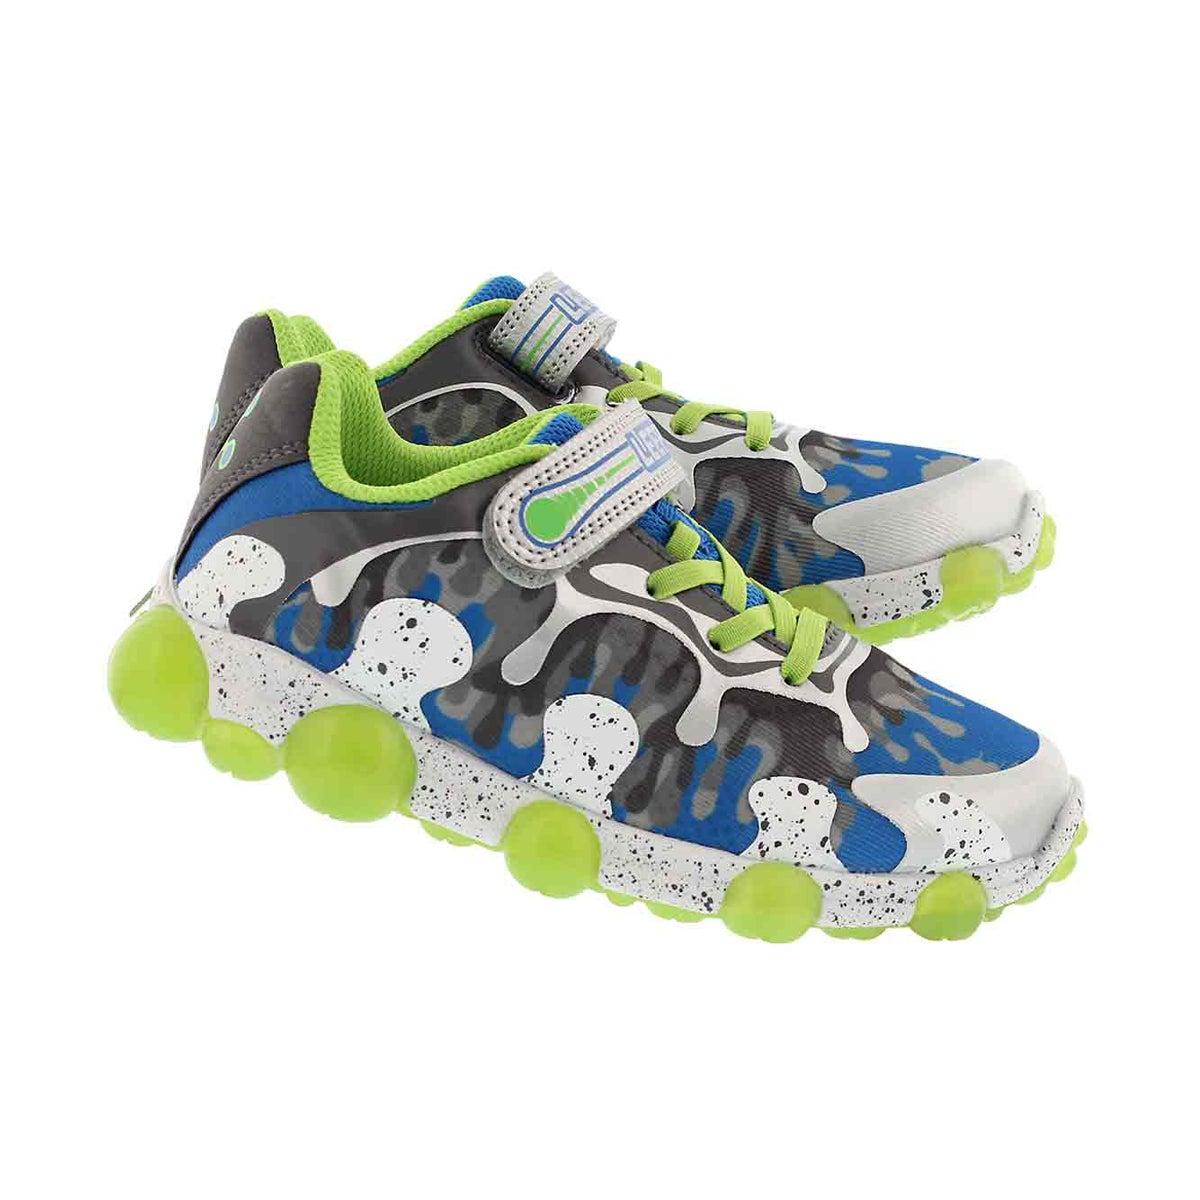 Bys Leepz 2.0 gry/grn light up sneaker